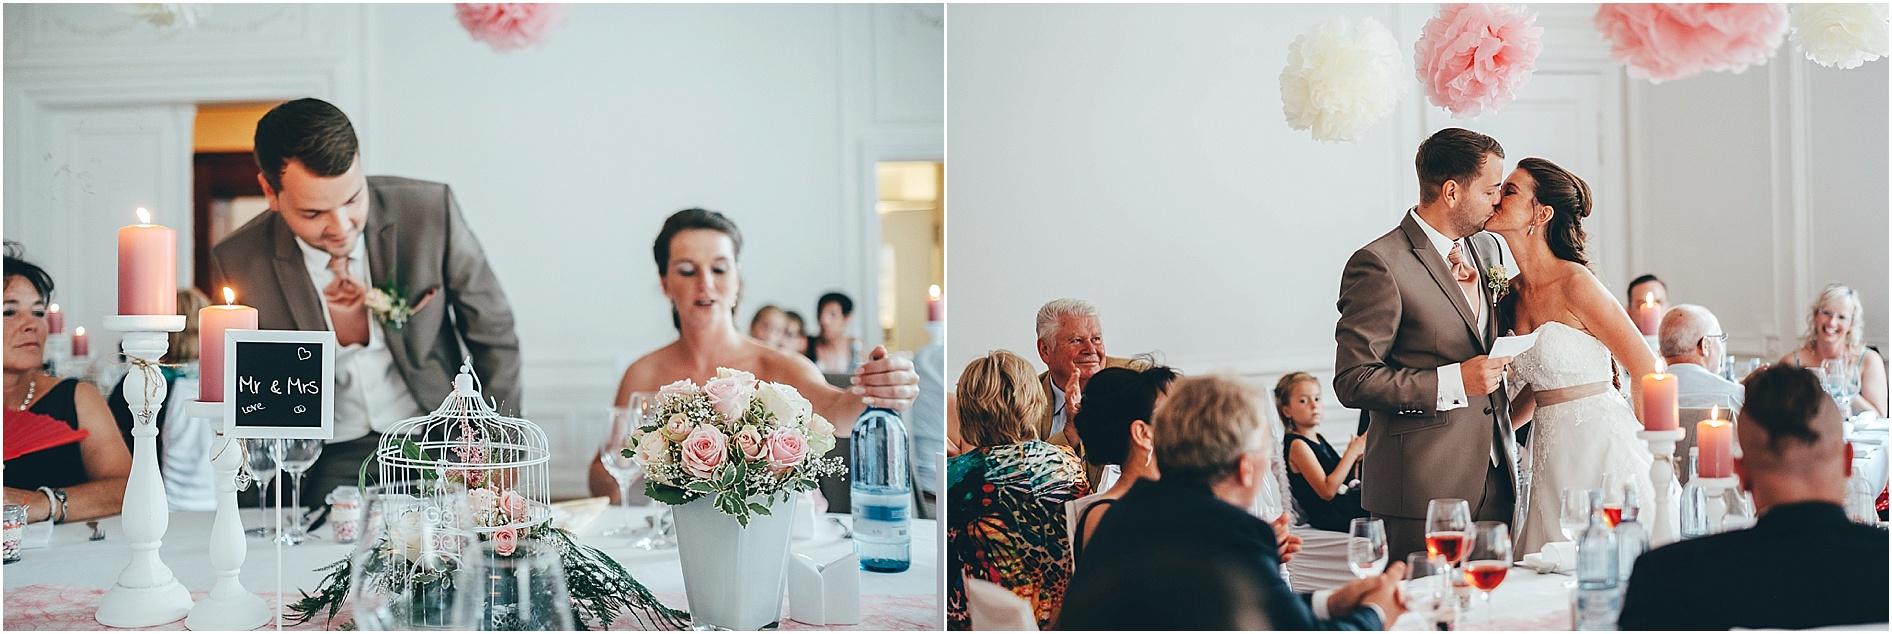 Hochzeitsfotograf Schwerin, Schloss Hasenwinkel, Caro und Marc, 2017-01-17_0105.jpg